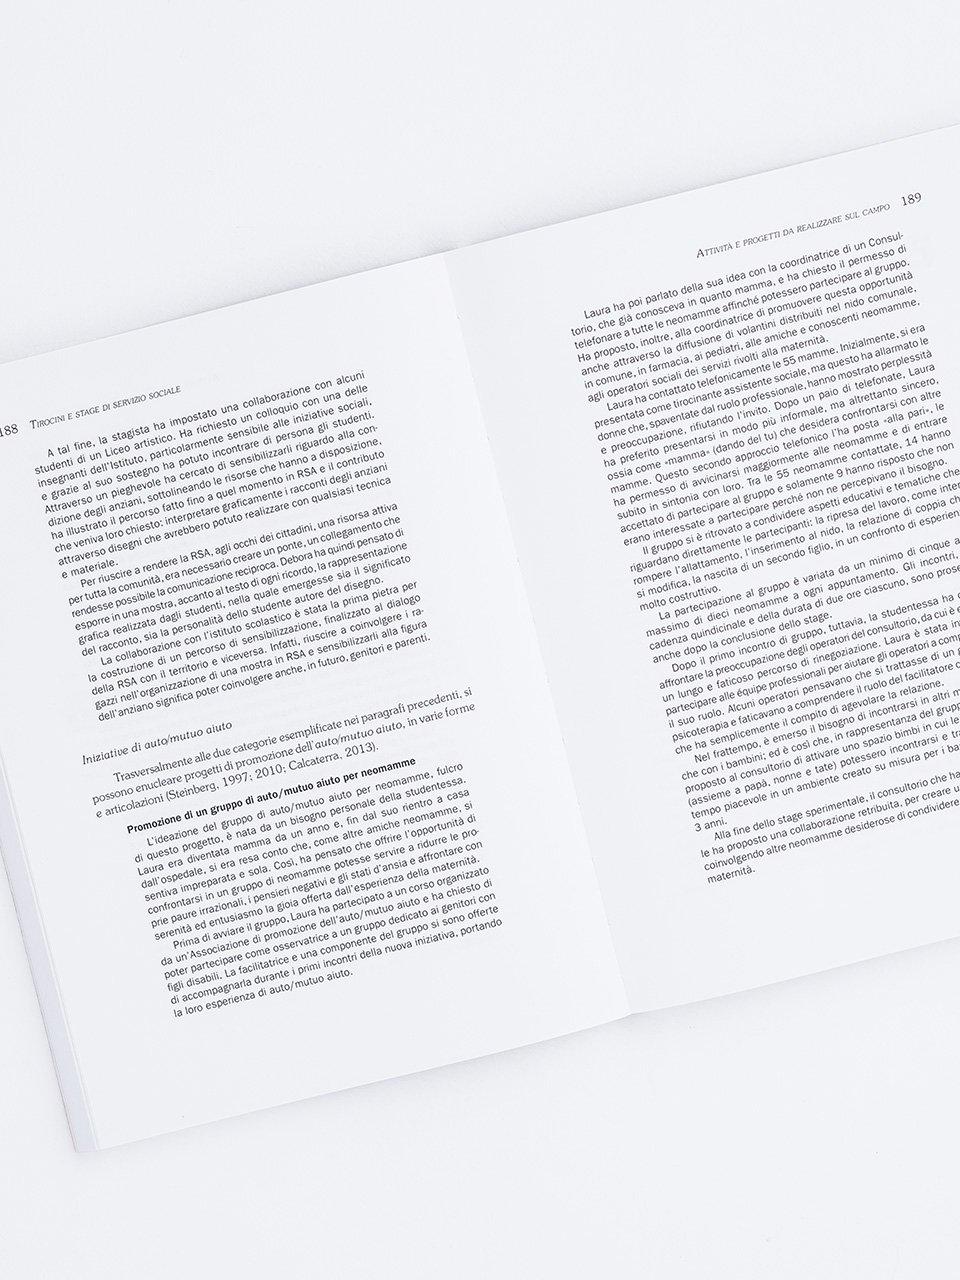 Tirocini e stage di servizio sociale - Libri - Erickson 2